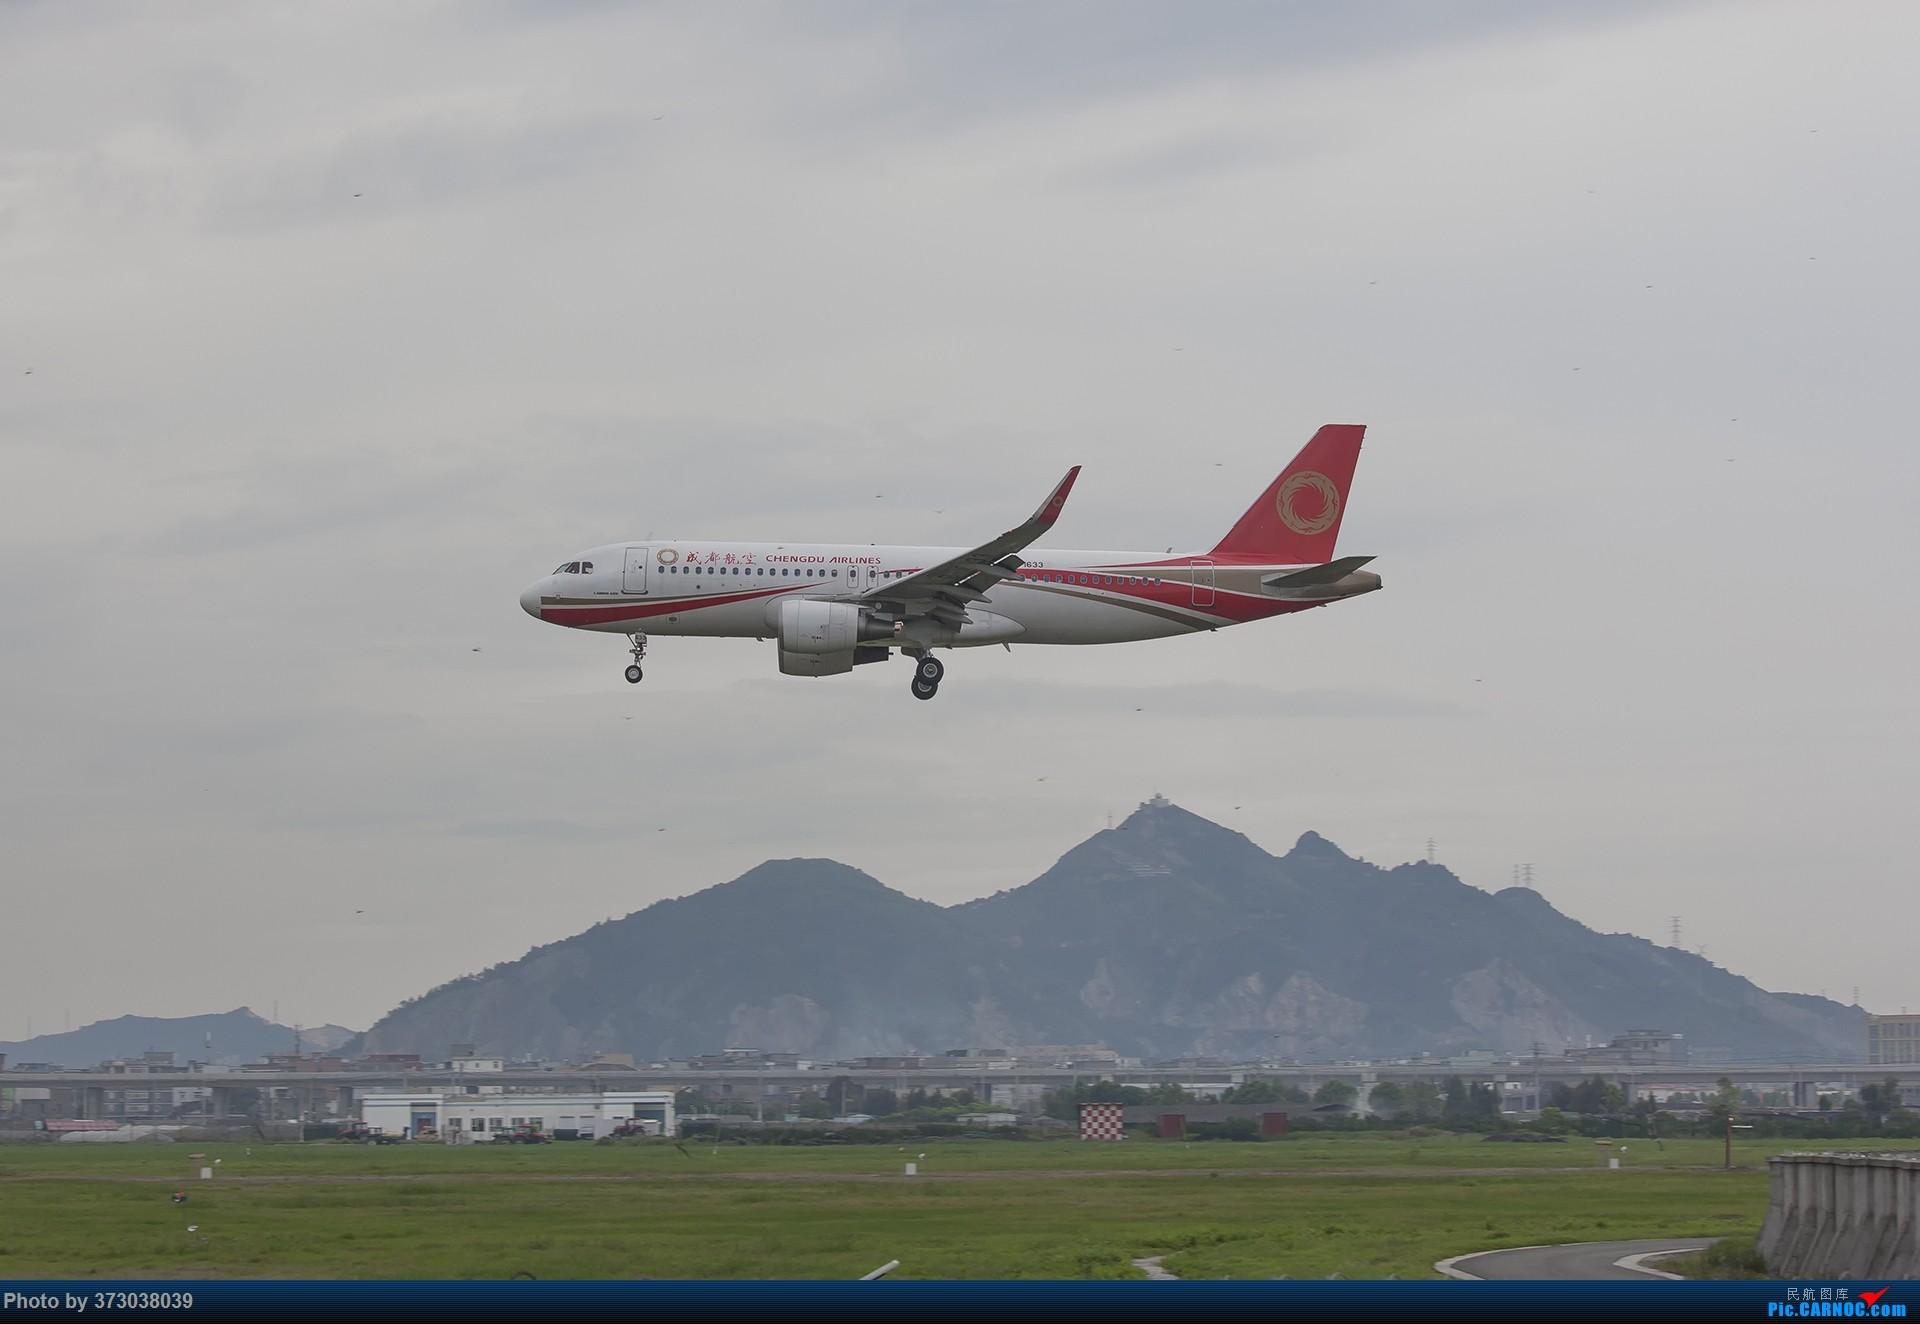 Re:[原创]【杭州飞友会】久别重逢,自个家乡的温州龙湾国际机场 AIRBUS A320-200 B-1633 中国温州龙湾国际机场